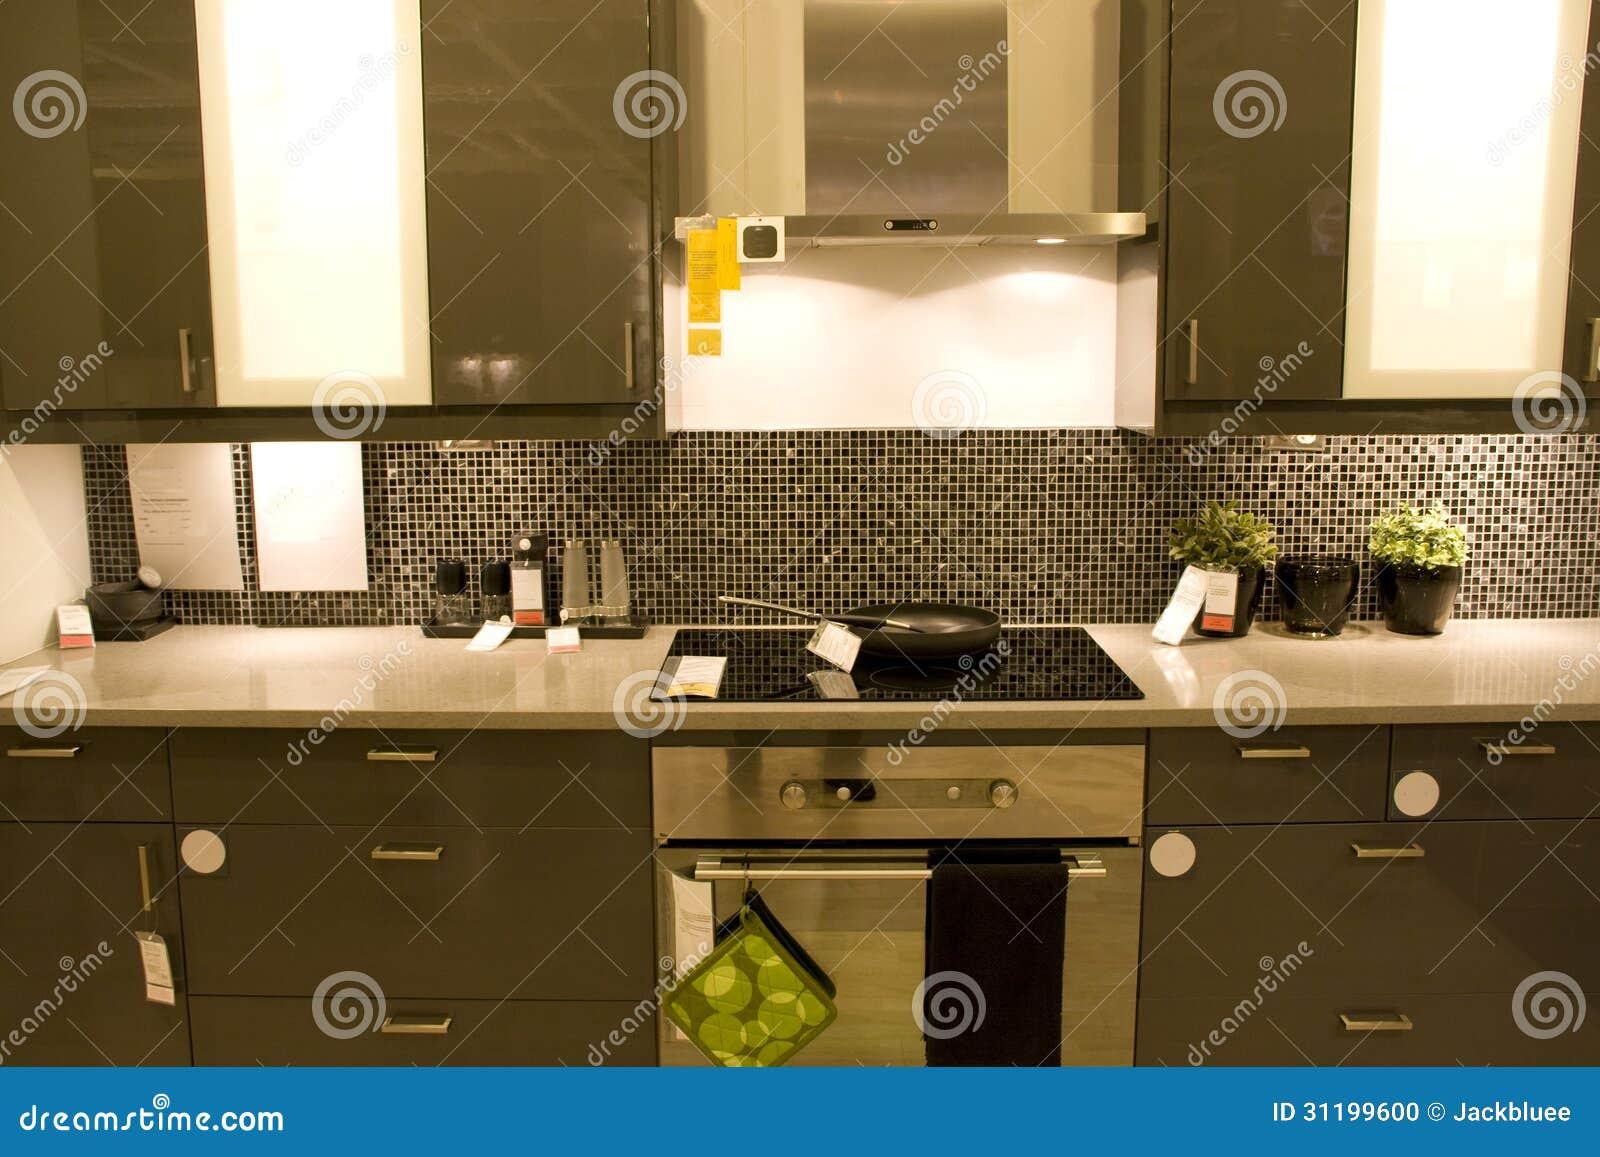 Interni Moderni Cucine : Le migliori immagini pavimenti interni moderni migliori